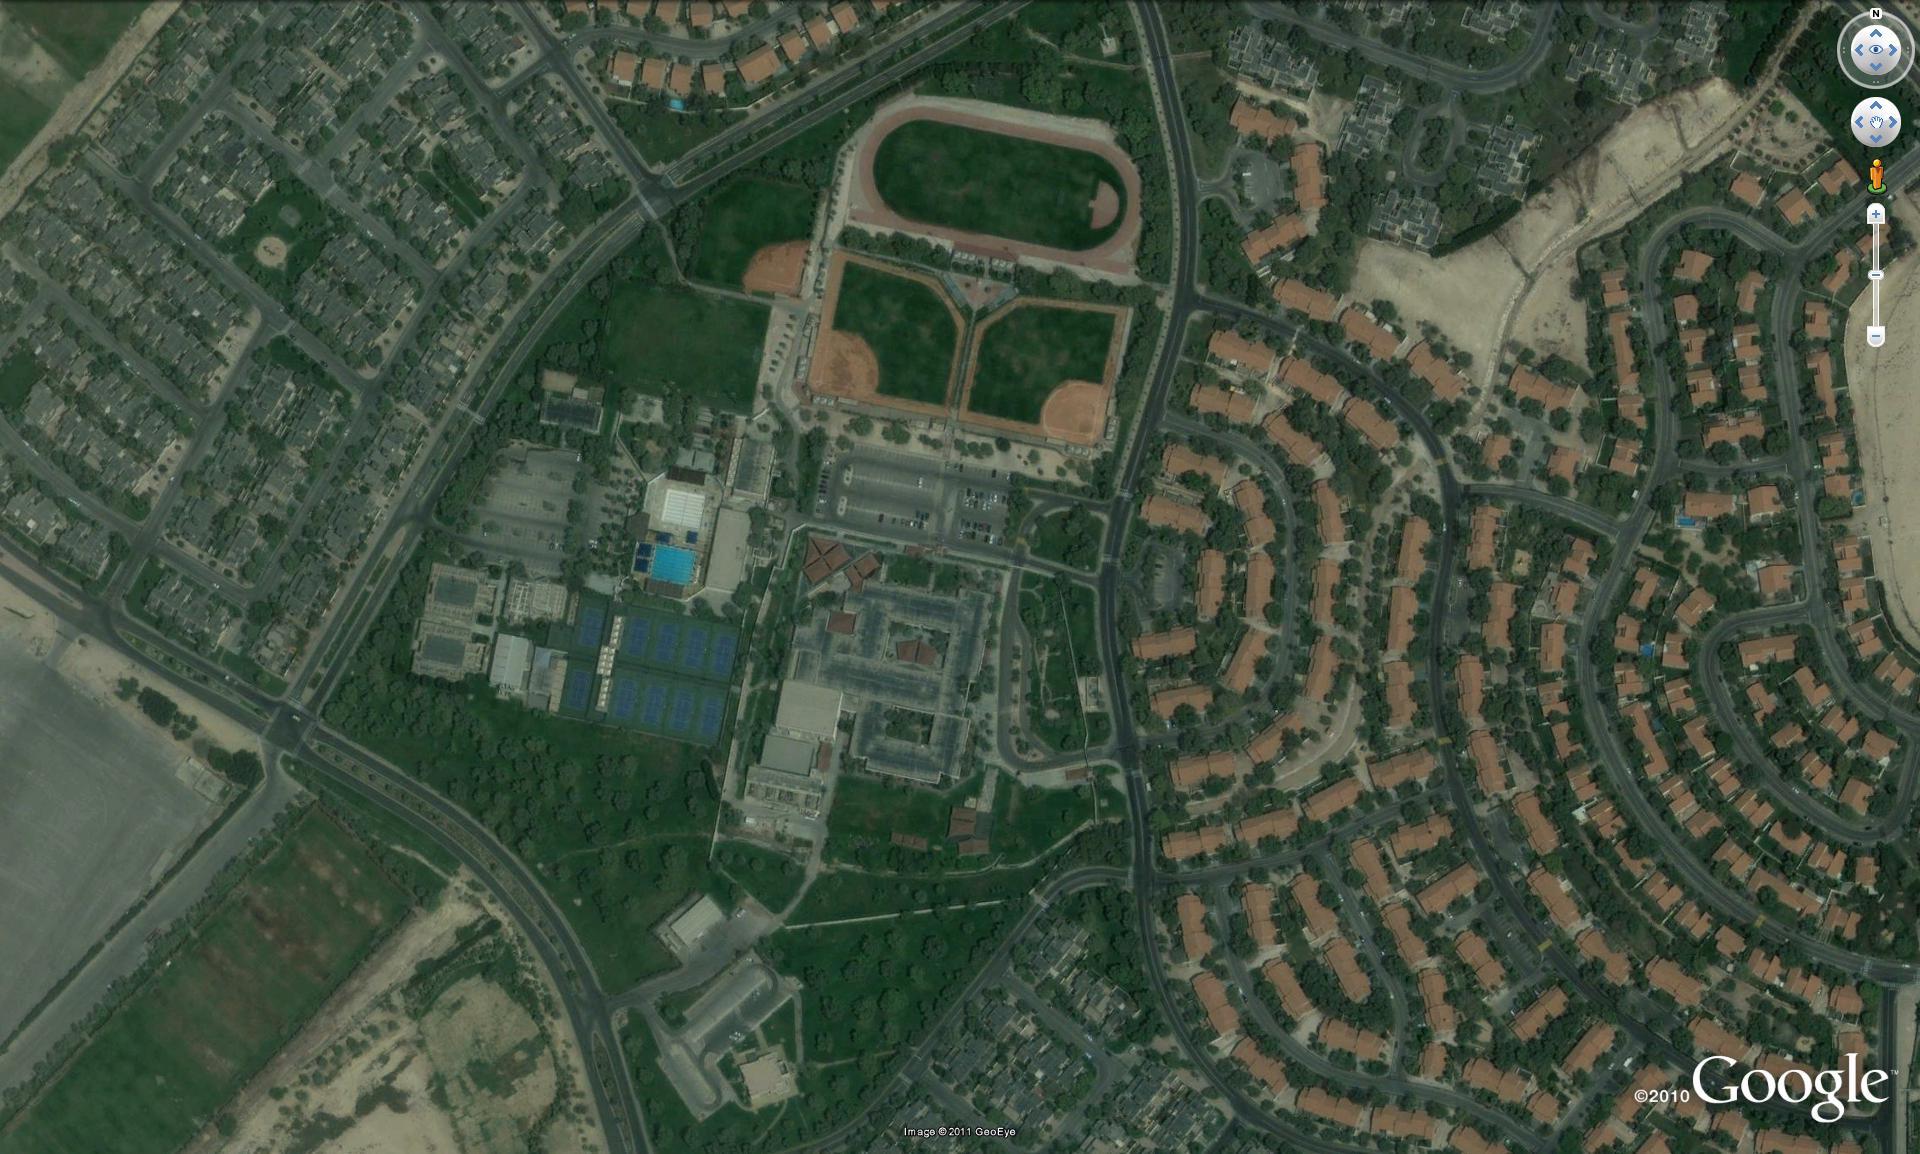 المجاورة السكنية، الخدمات Space Management إدارة المكان